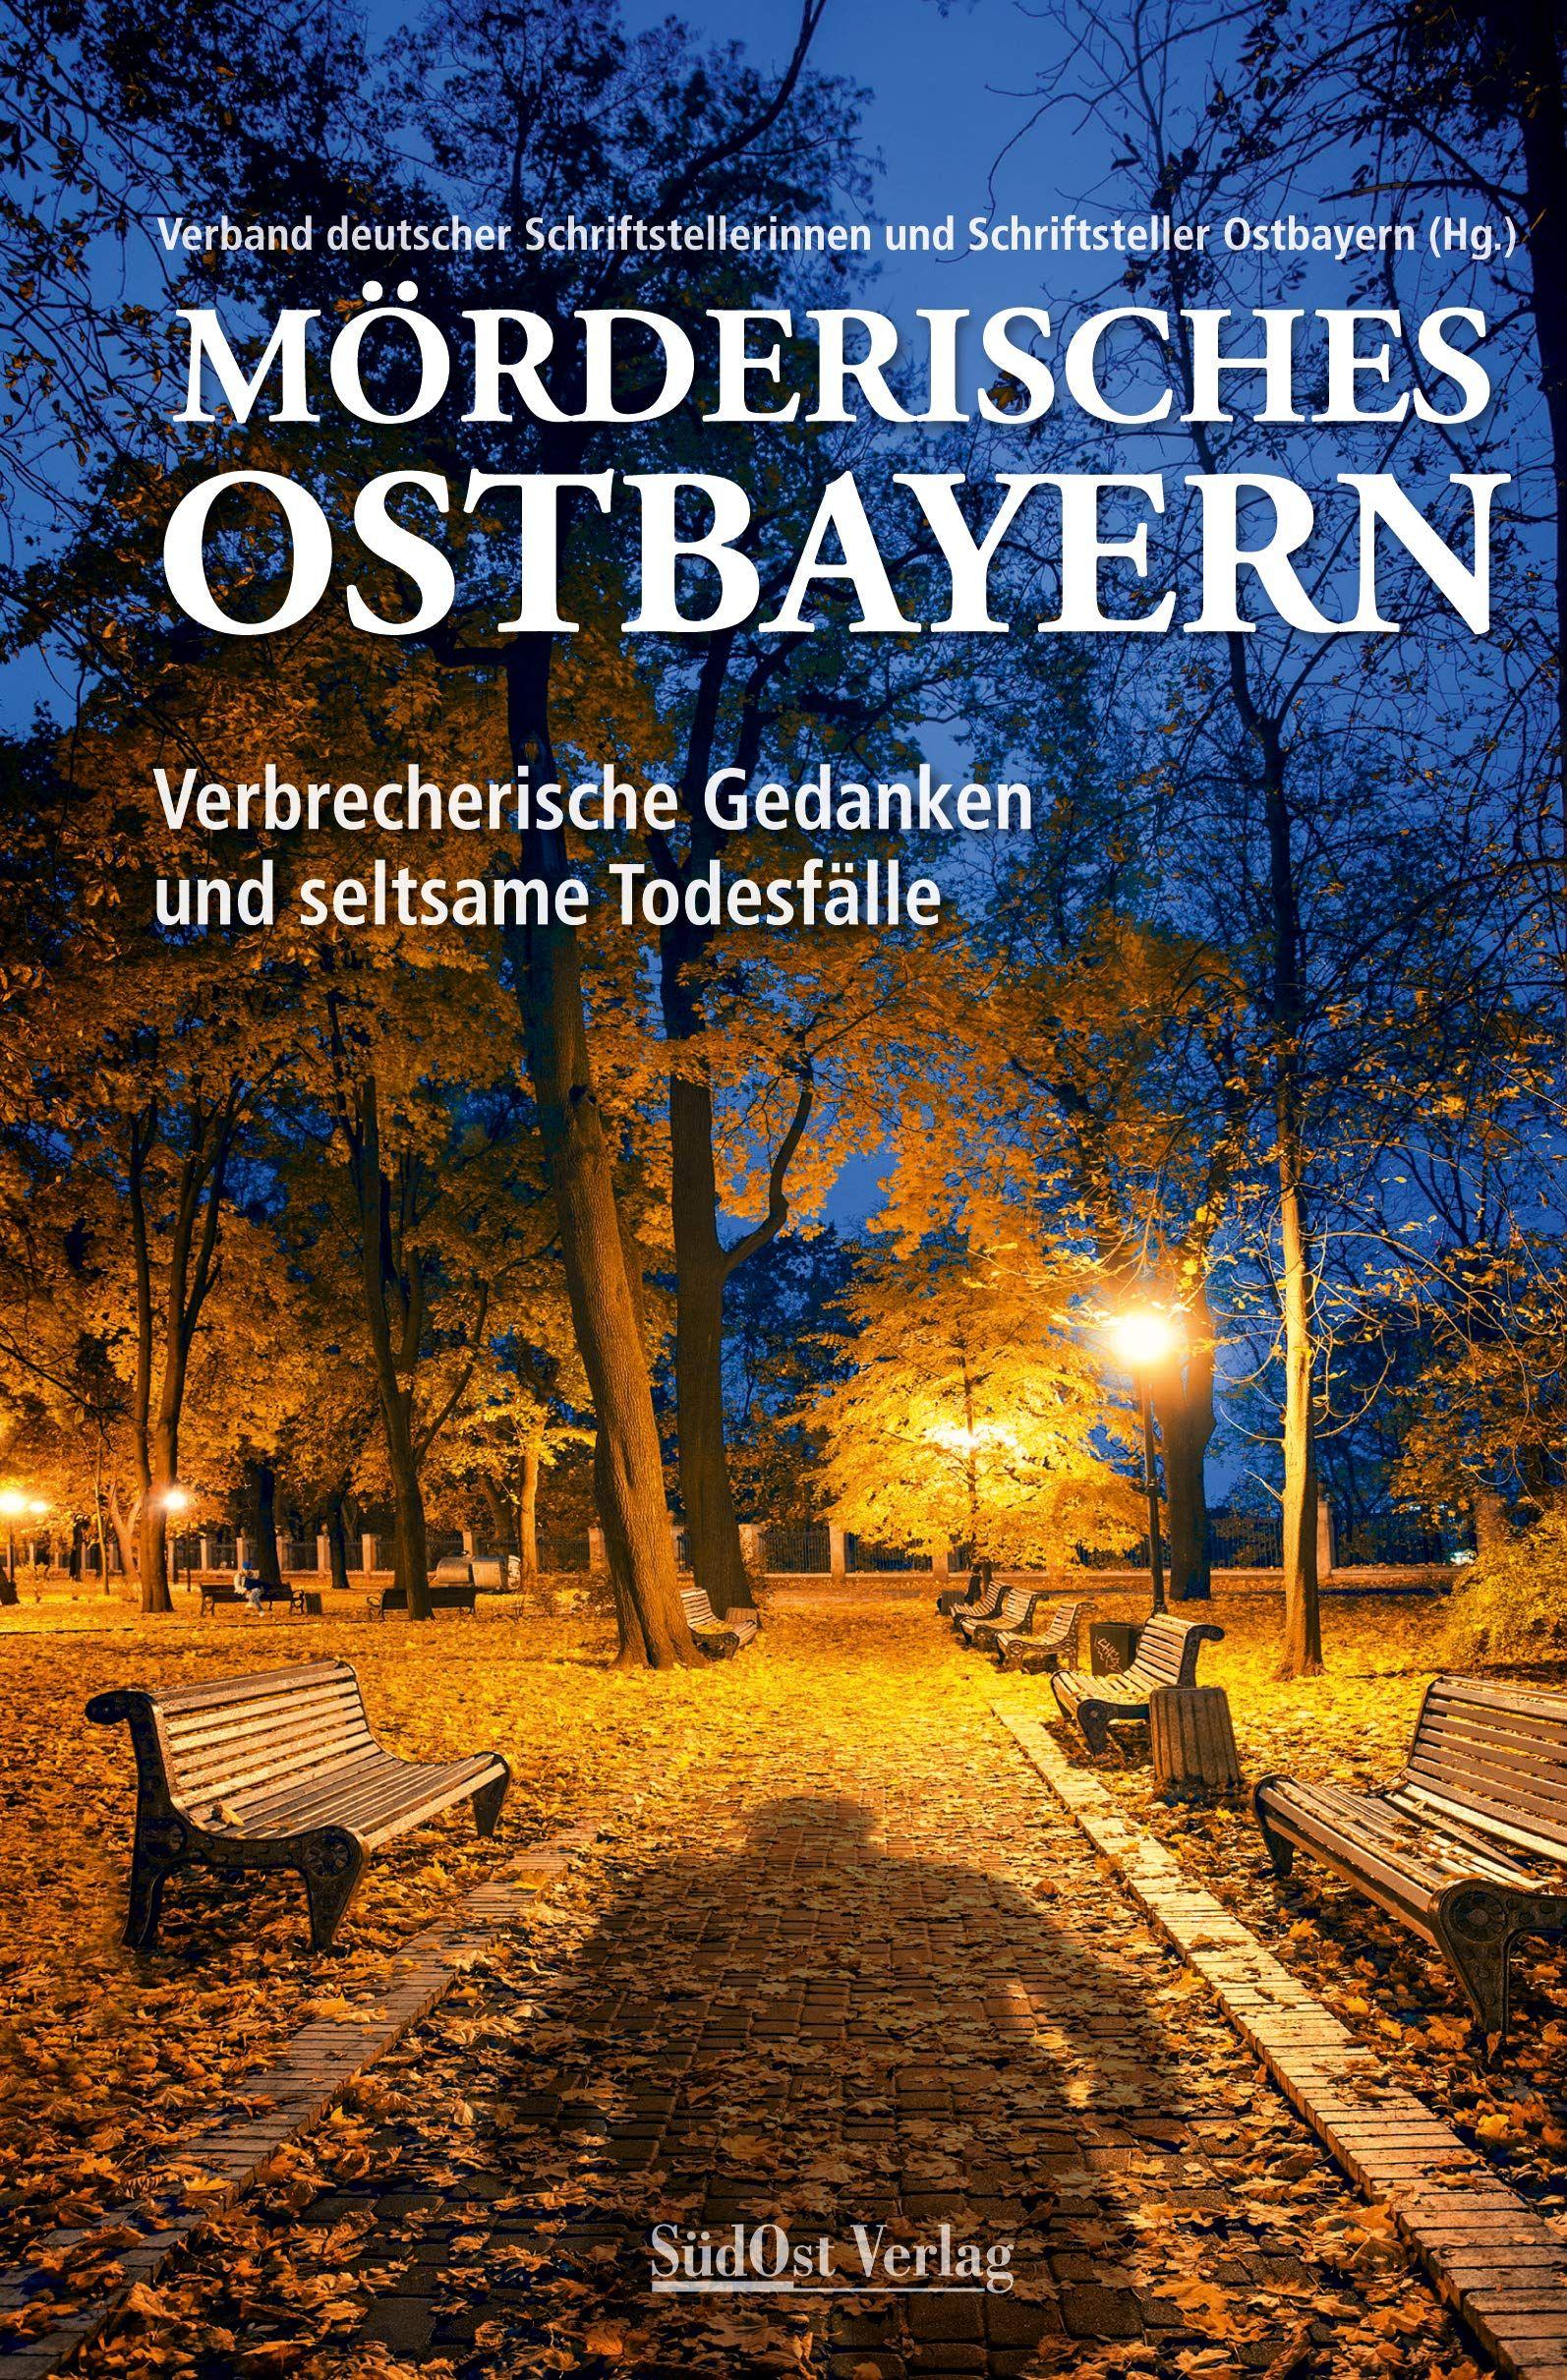 Mörderisches Bayern